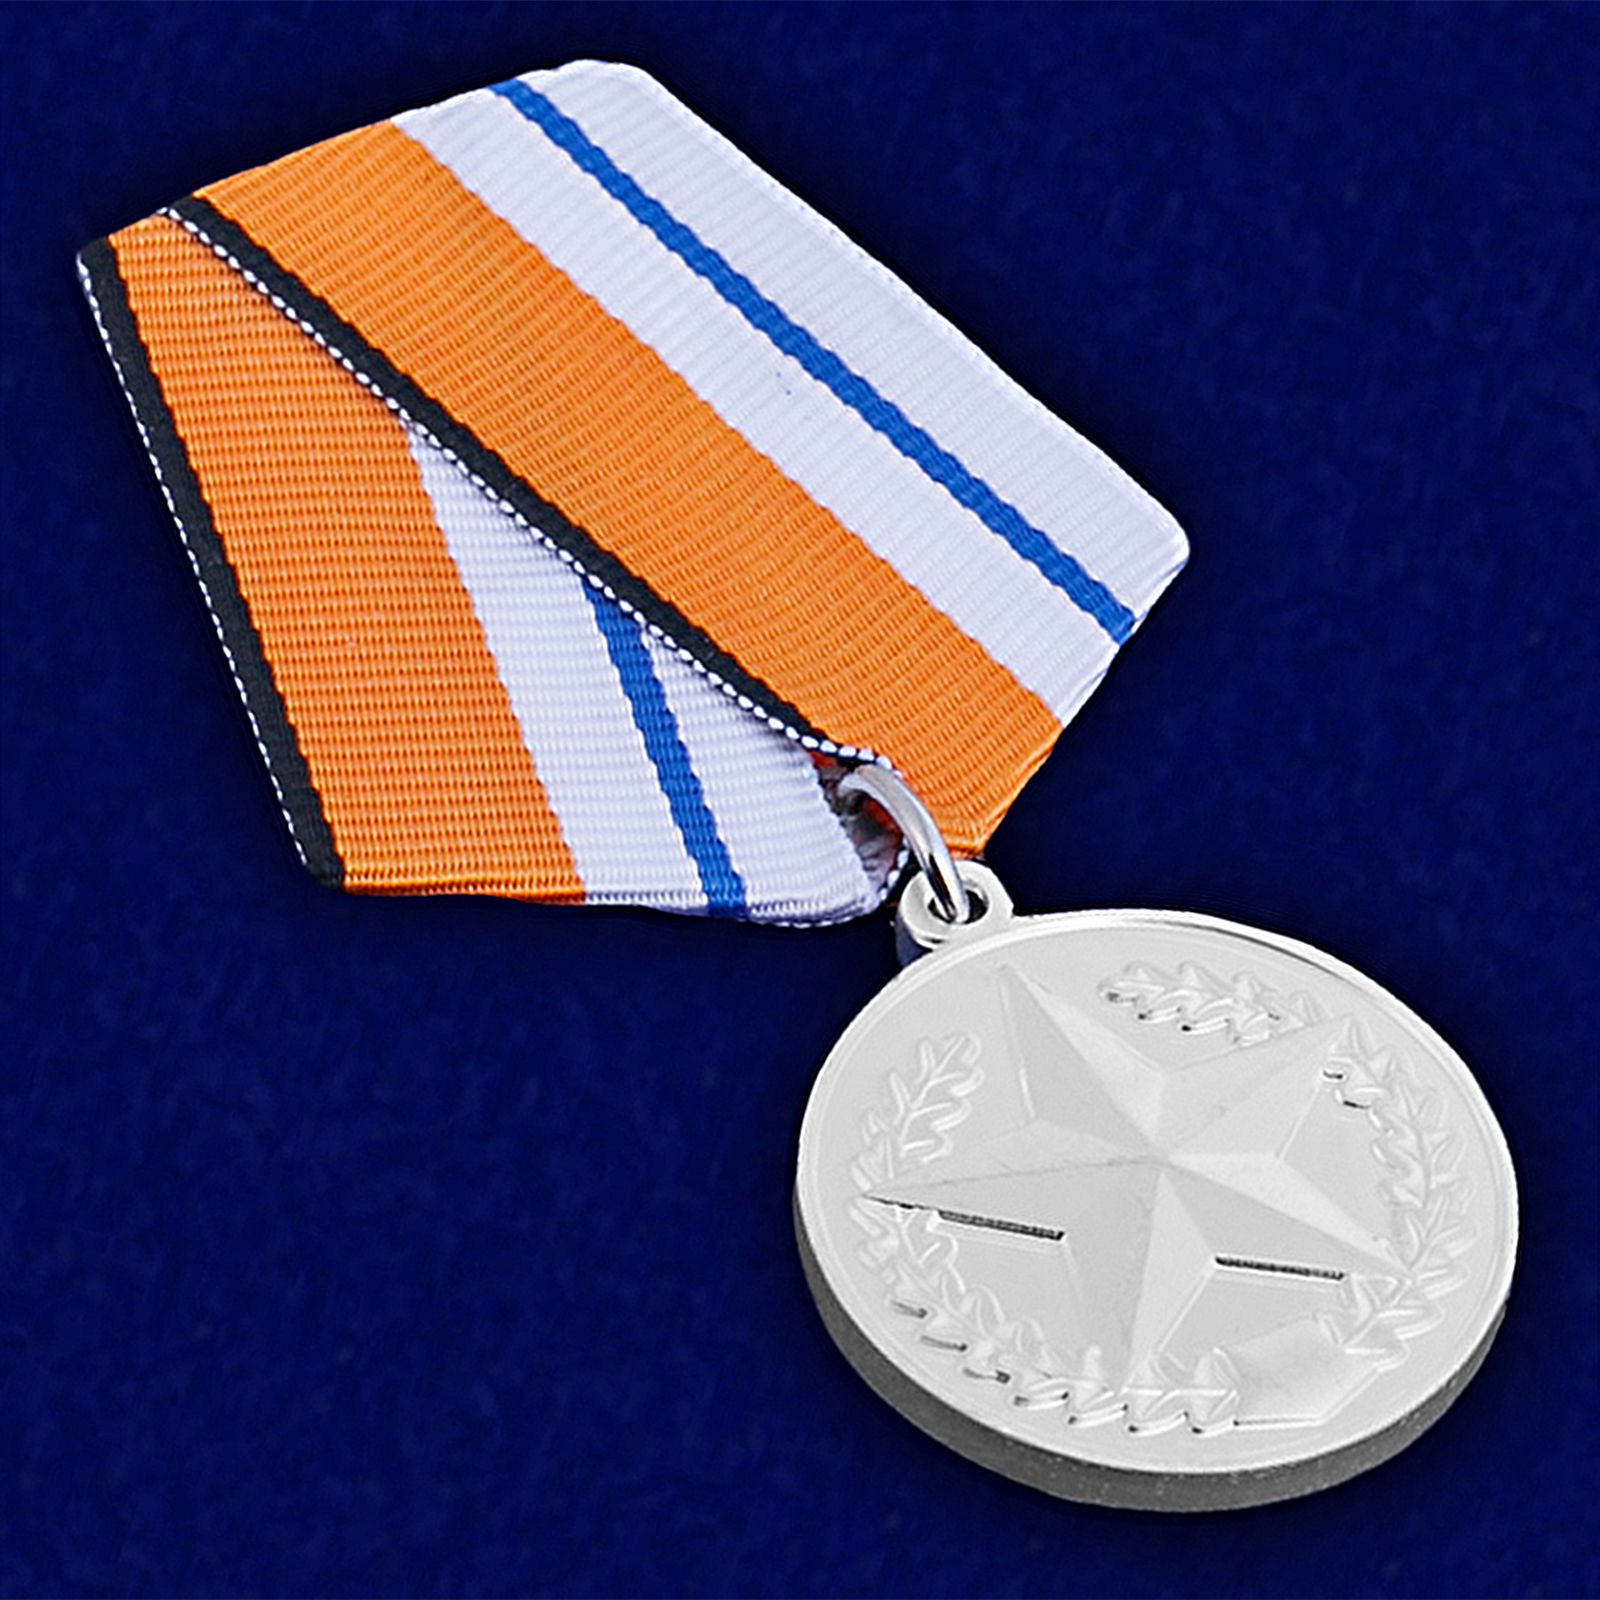 """Медаль """"За отличие в соревнованиях"""" МО РФ (2 место) в отличном качестве"""